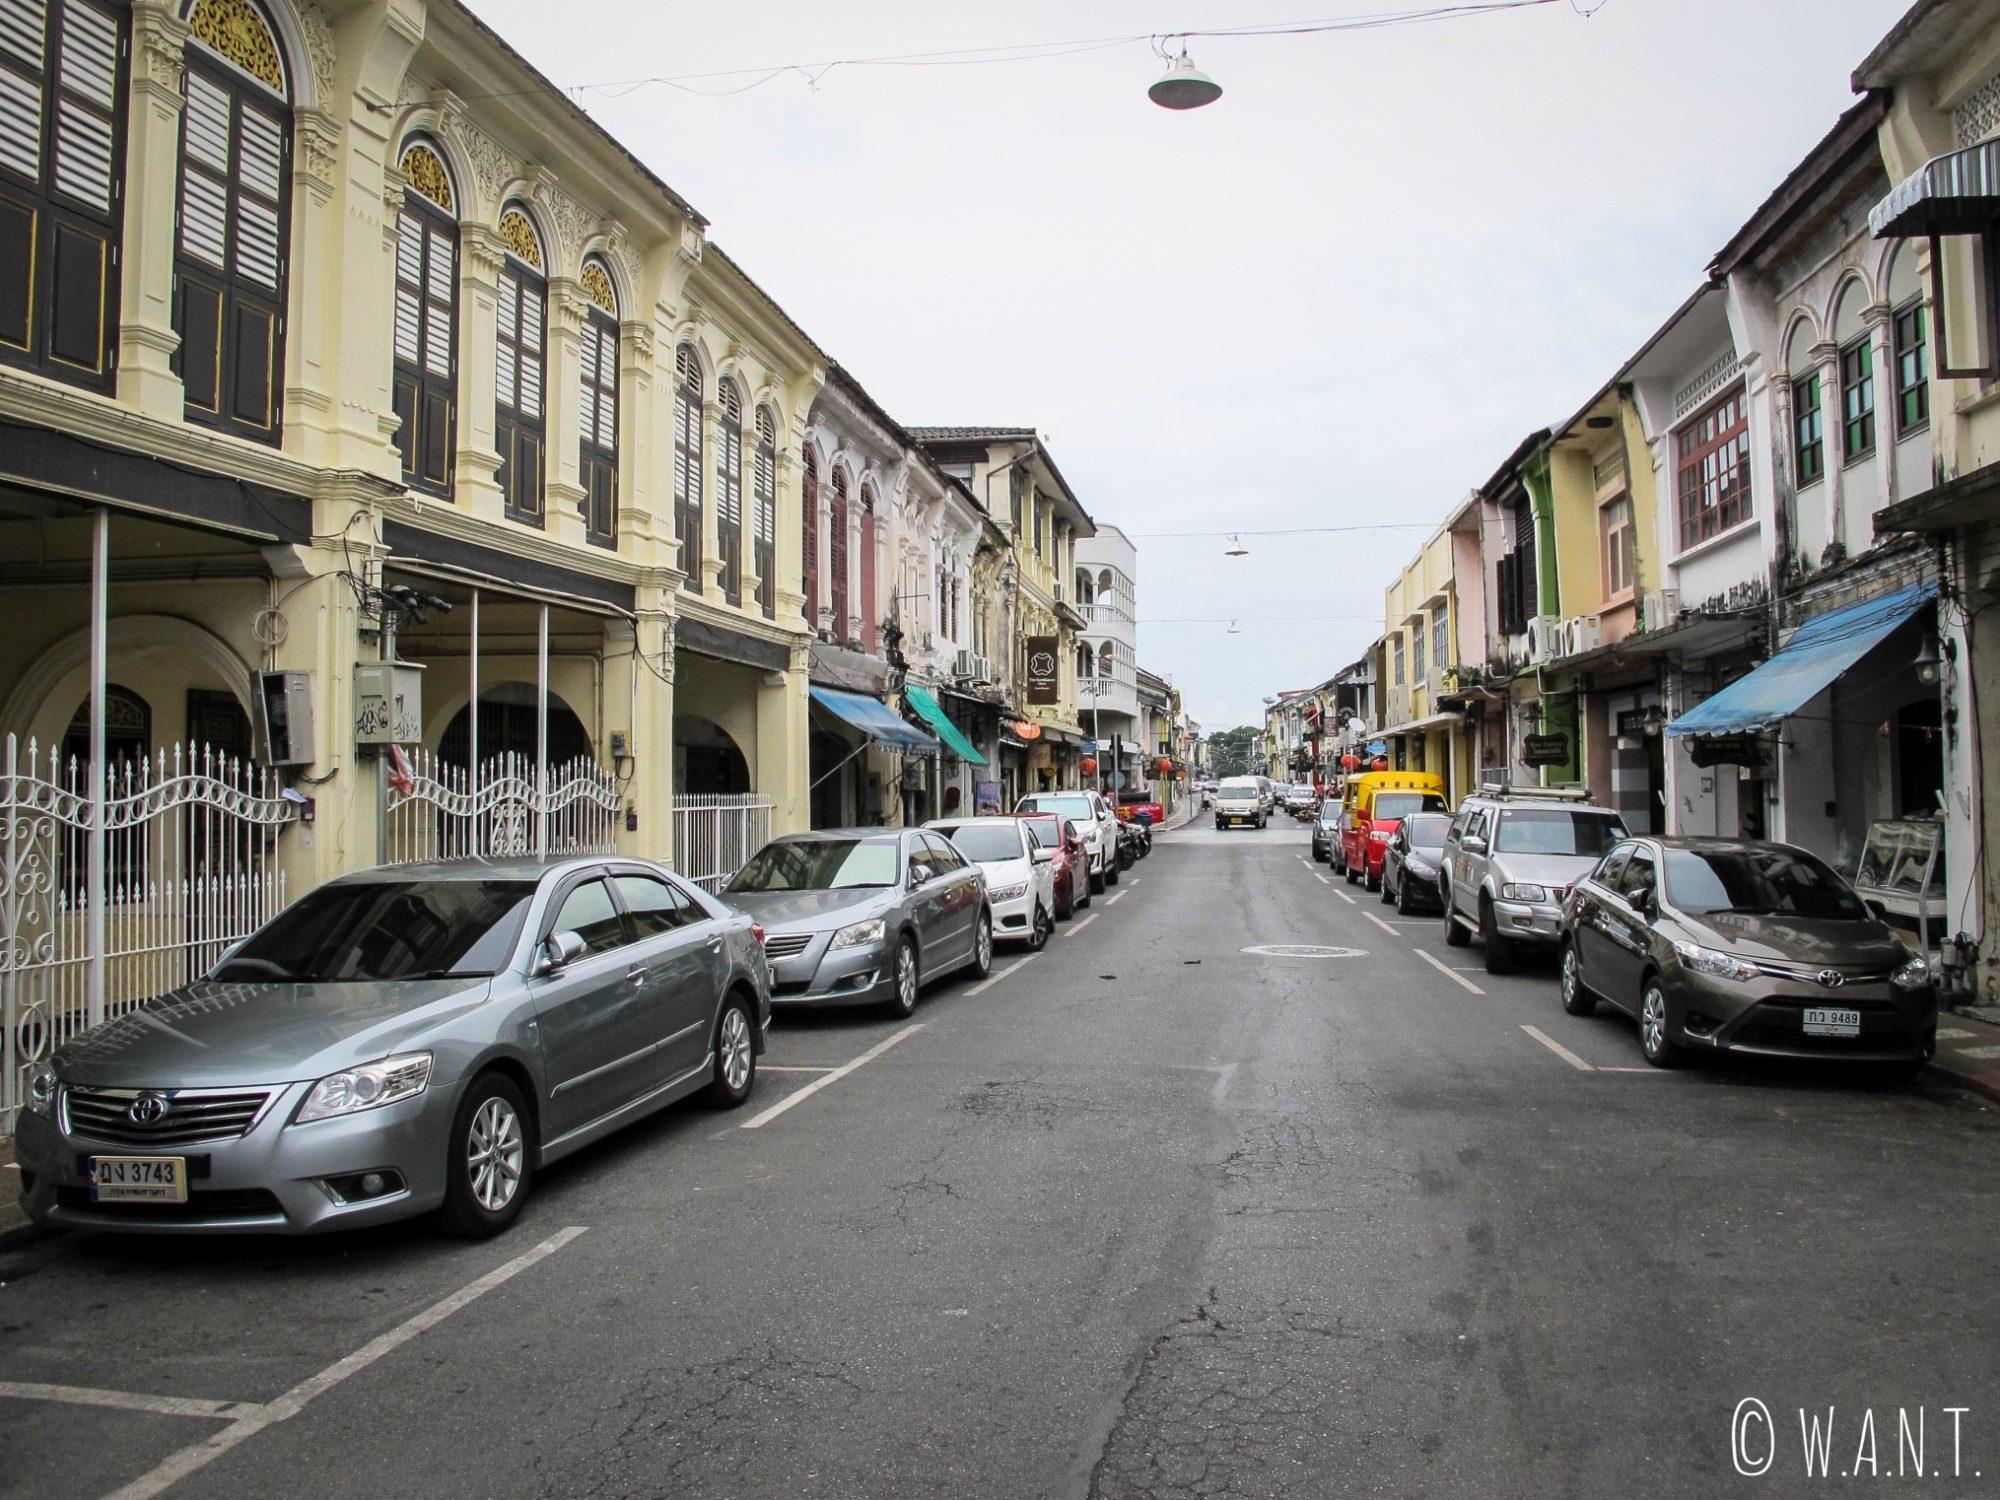 Rue et façades colorées du vieux Phuket